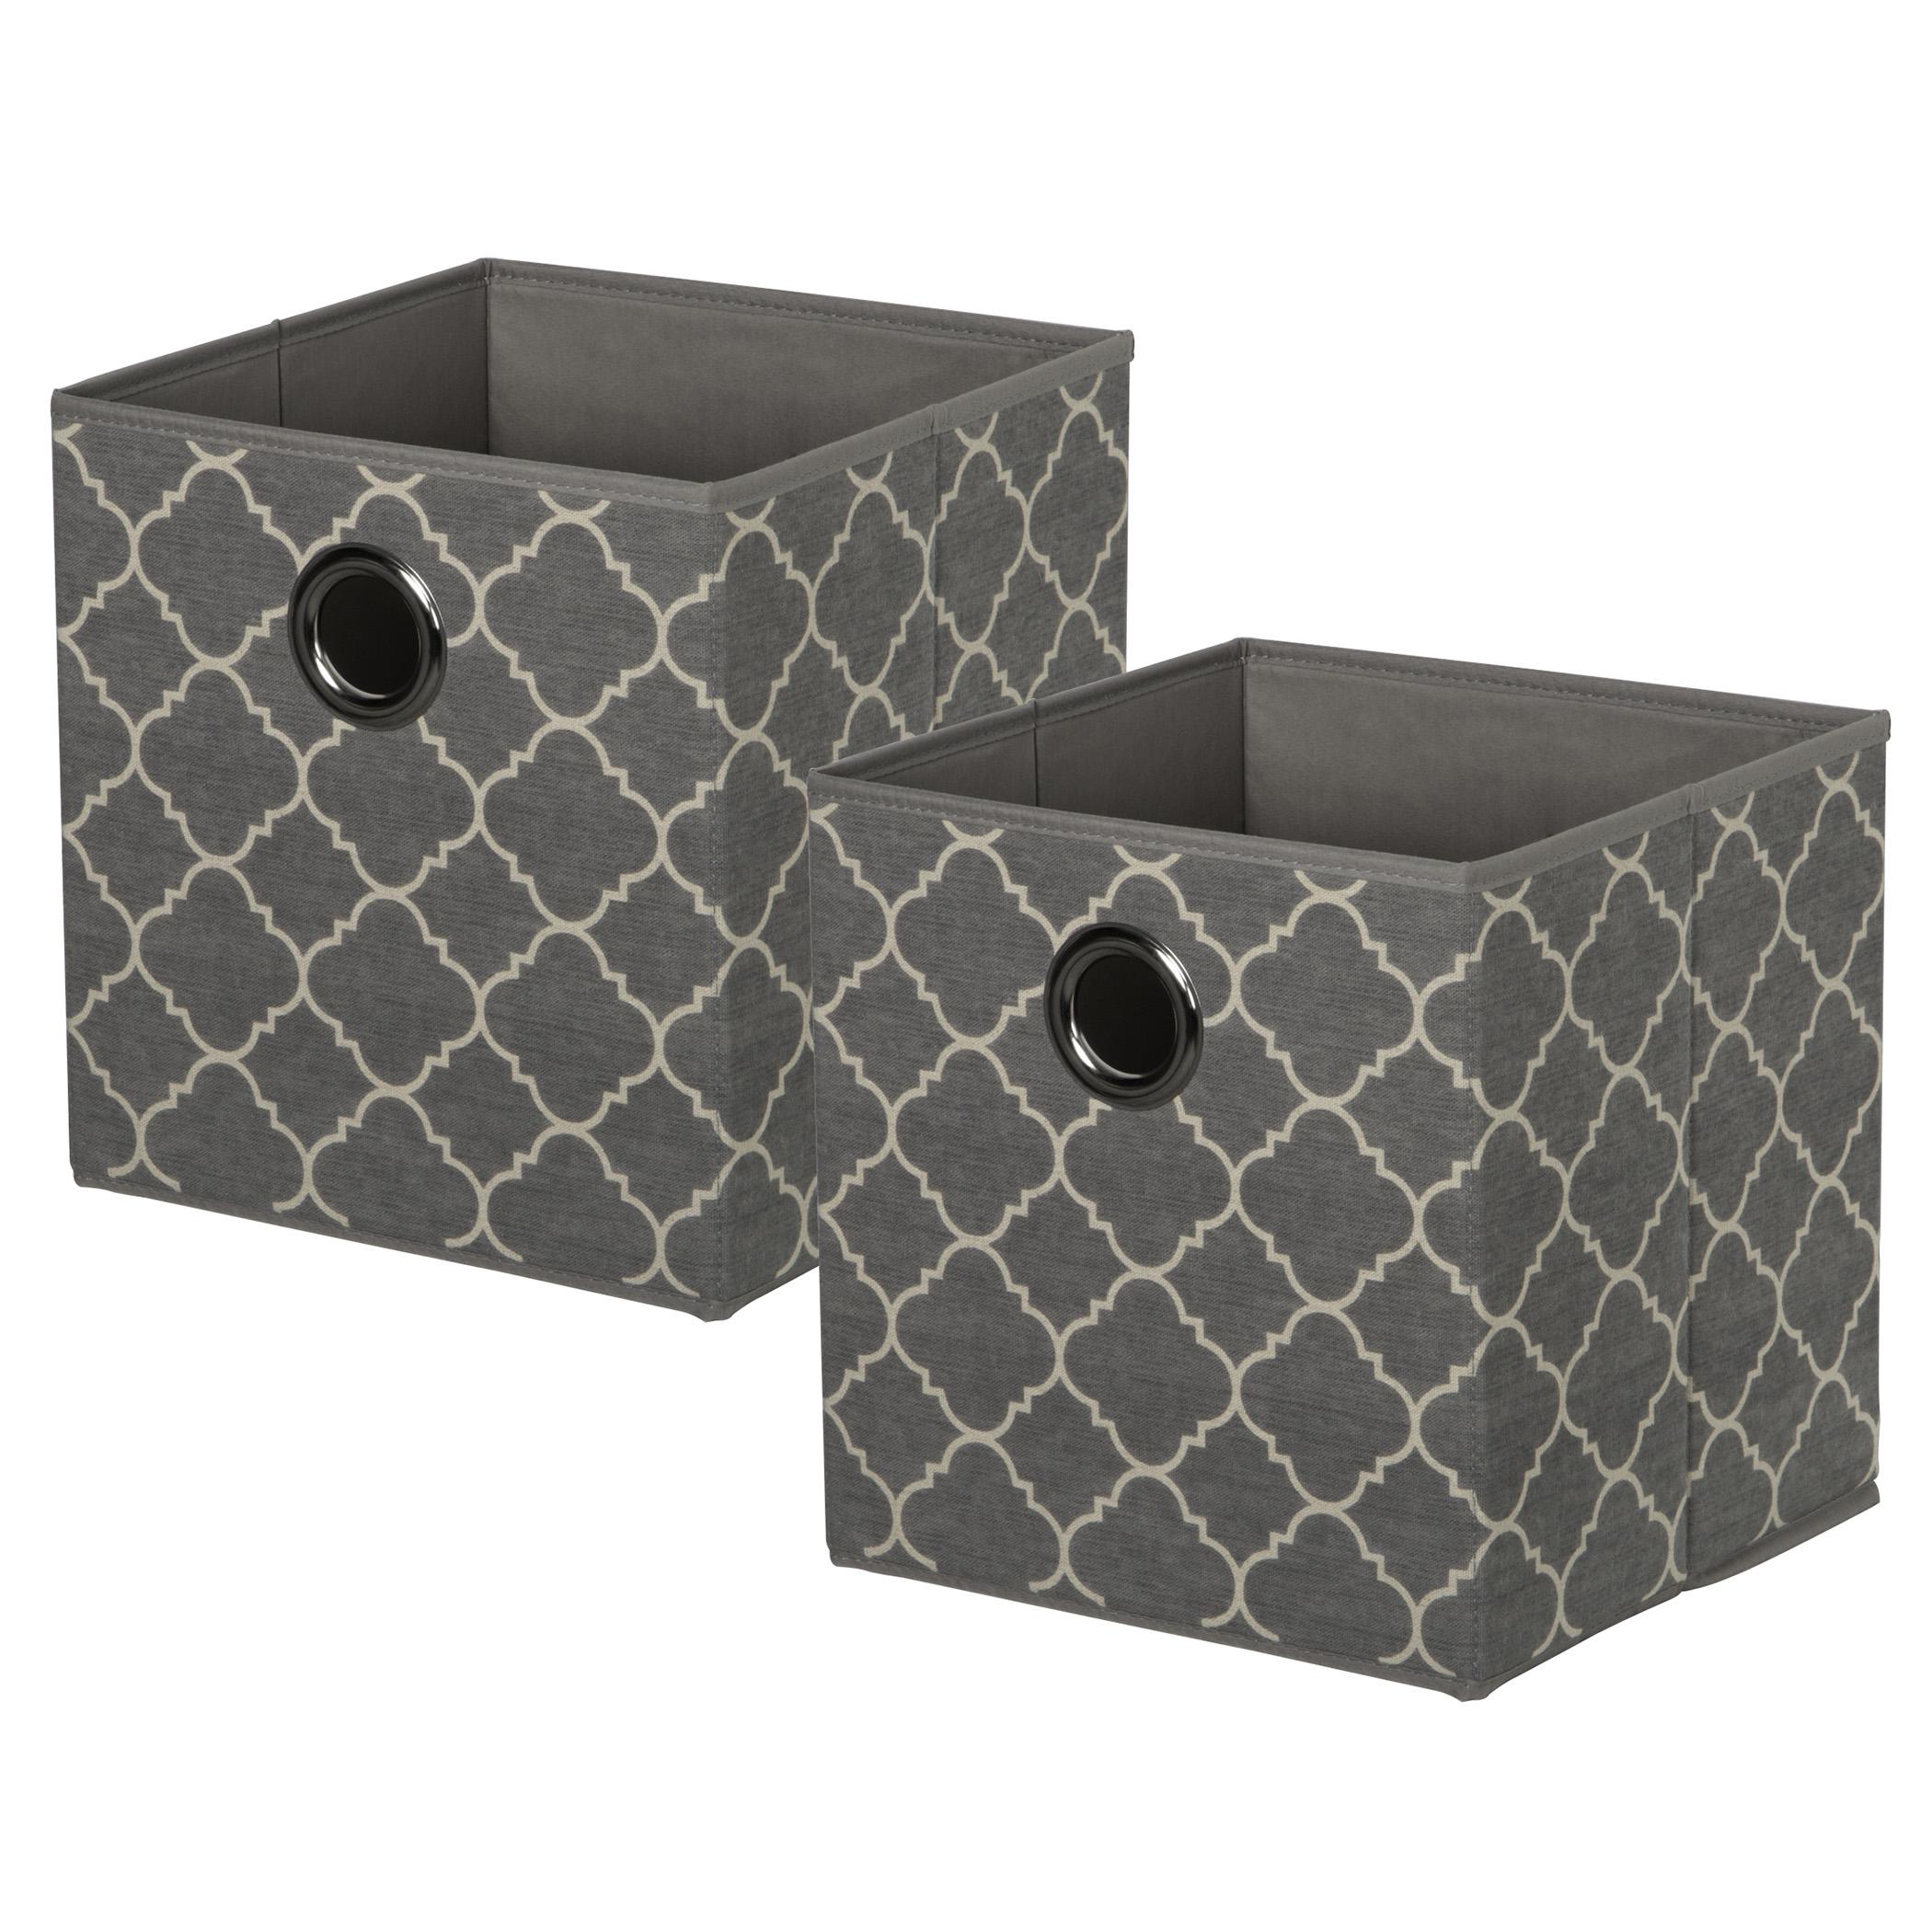 Set of 2 KD Cubes - QuatrefoilItem #86101052 - Quatrefoil KD cubes with metal grommet handles. Fold flat when not in use.Dimensions: 11